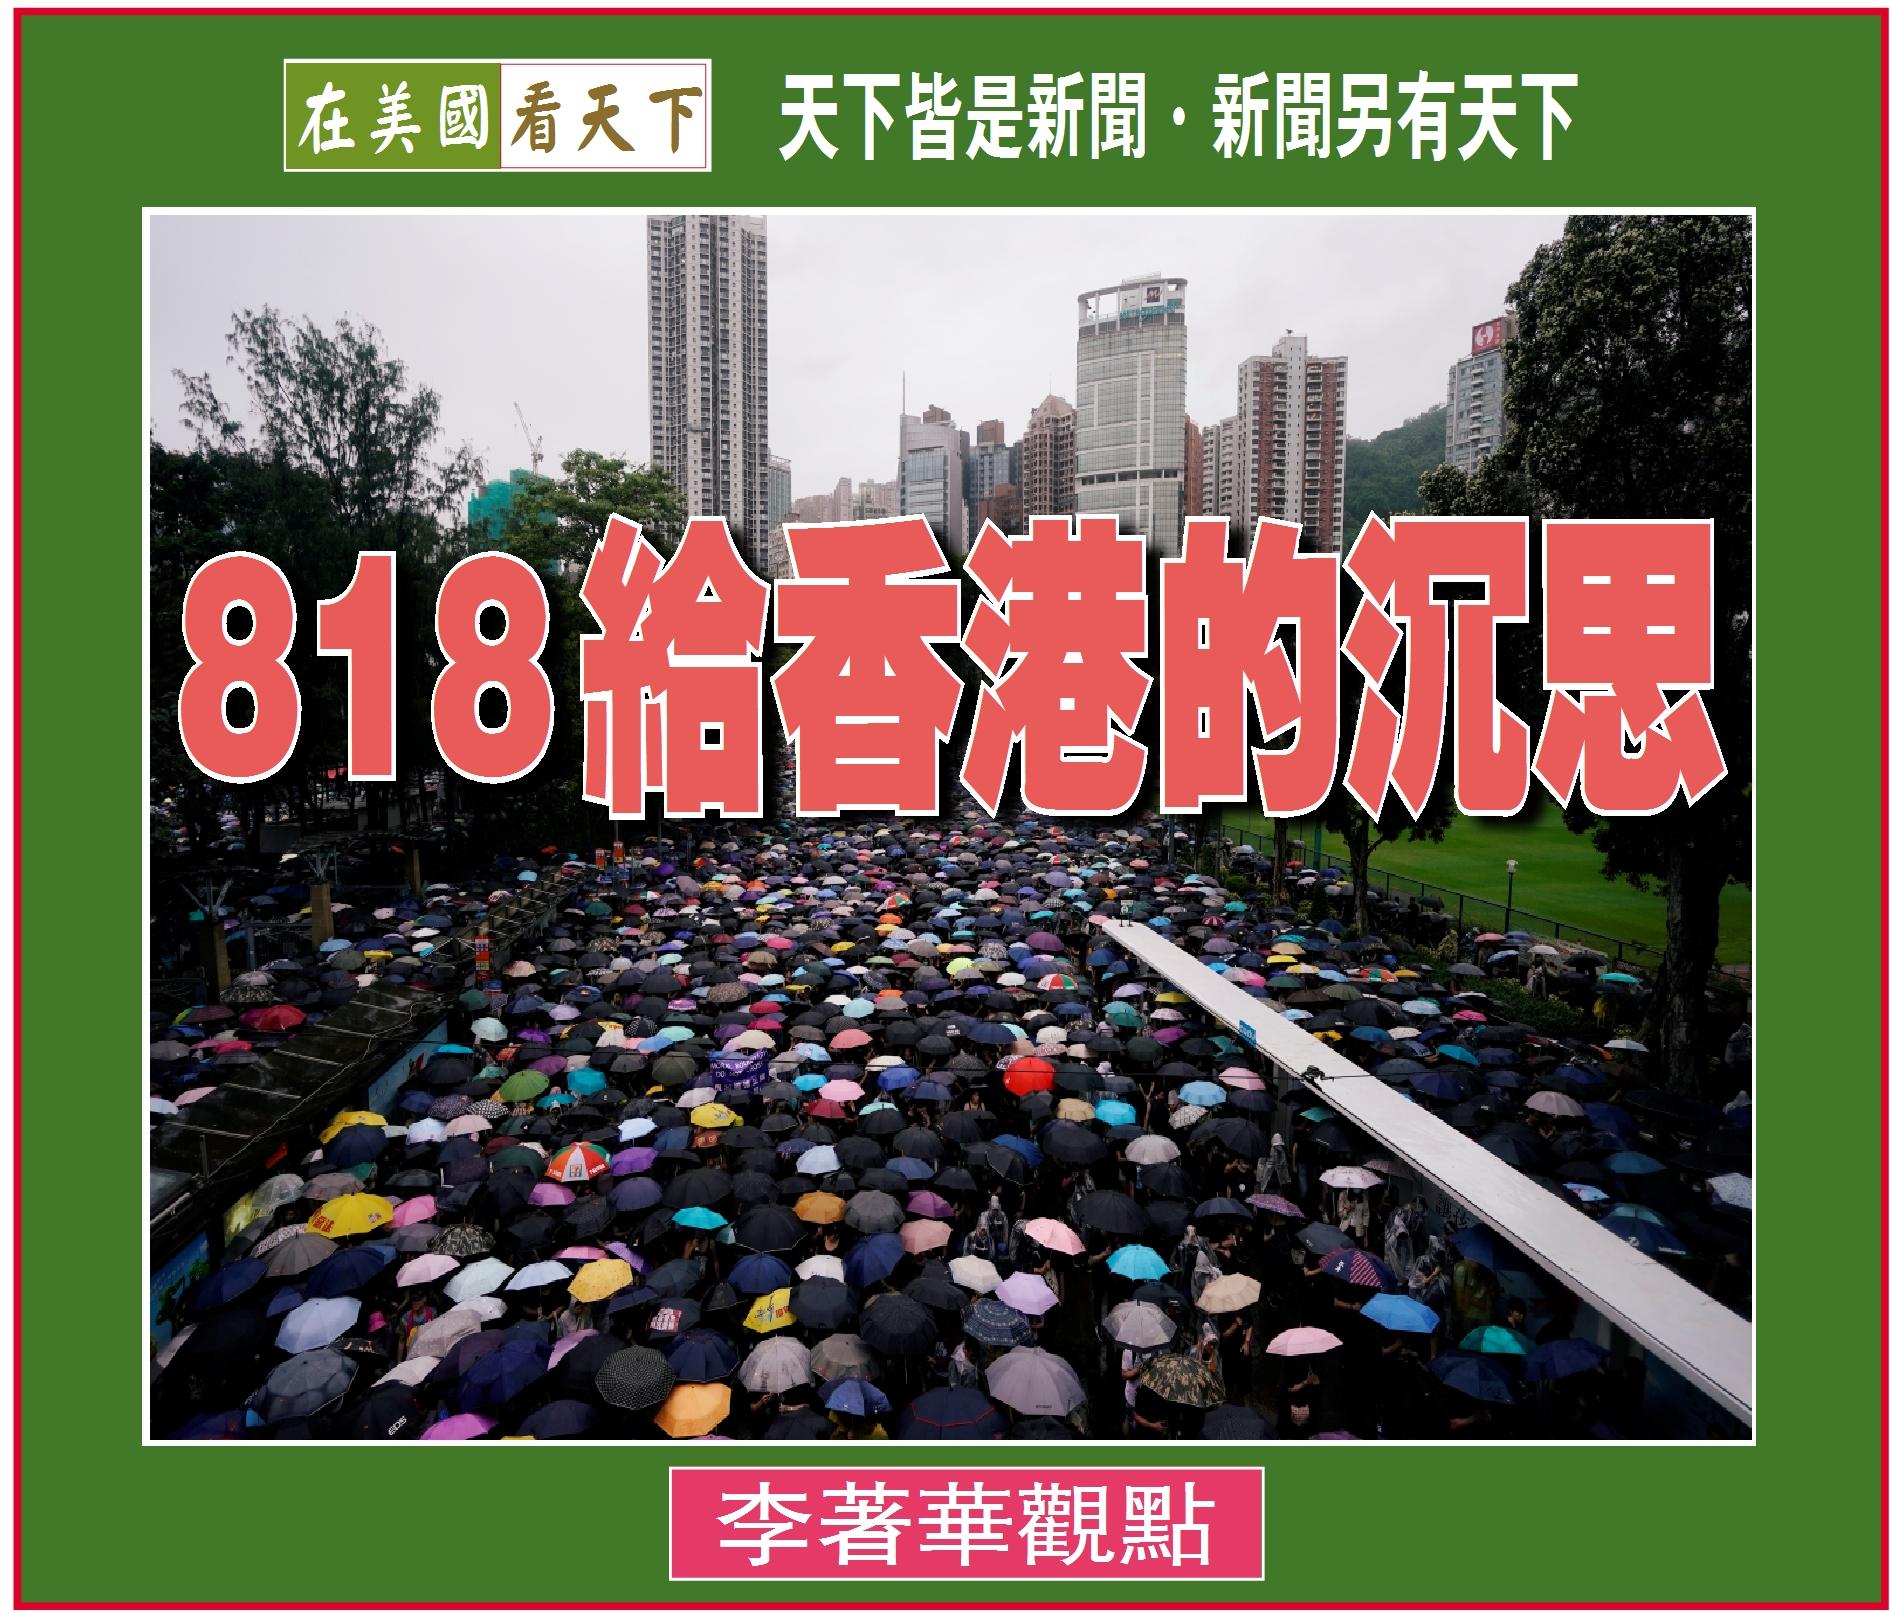 081919-818給香港的沉思-1.jpg